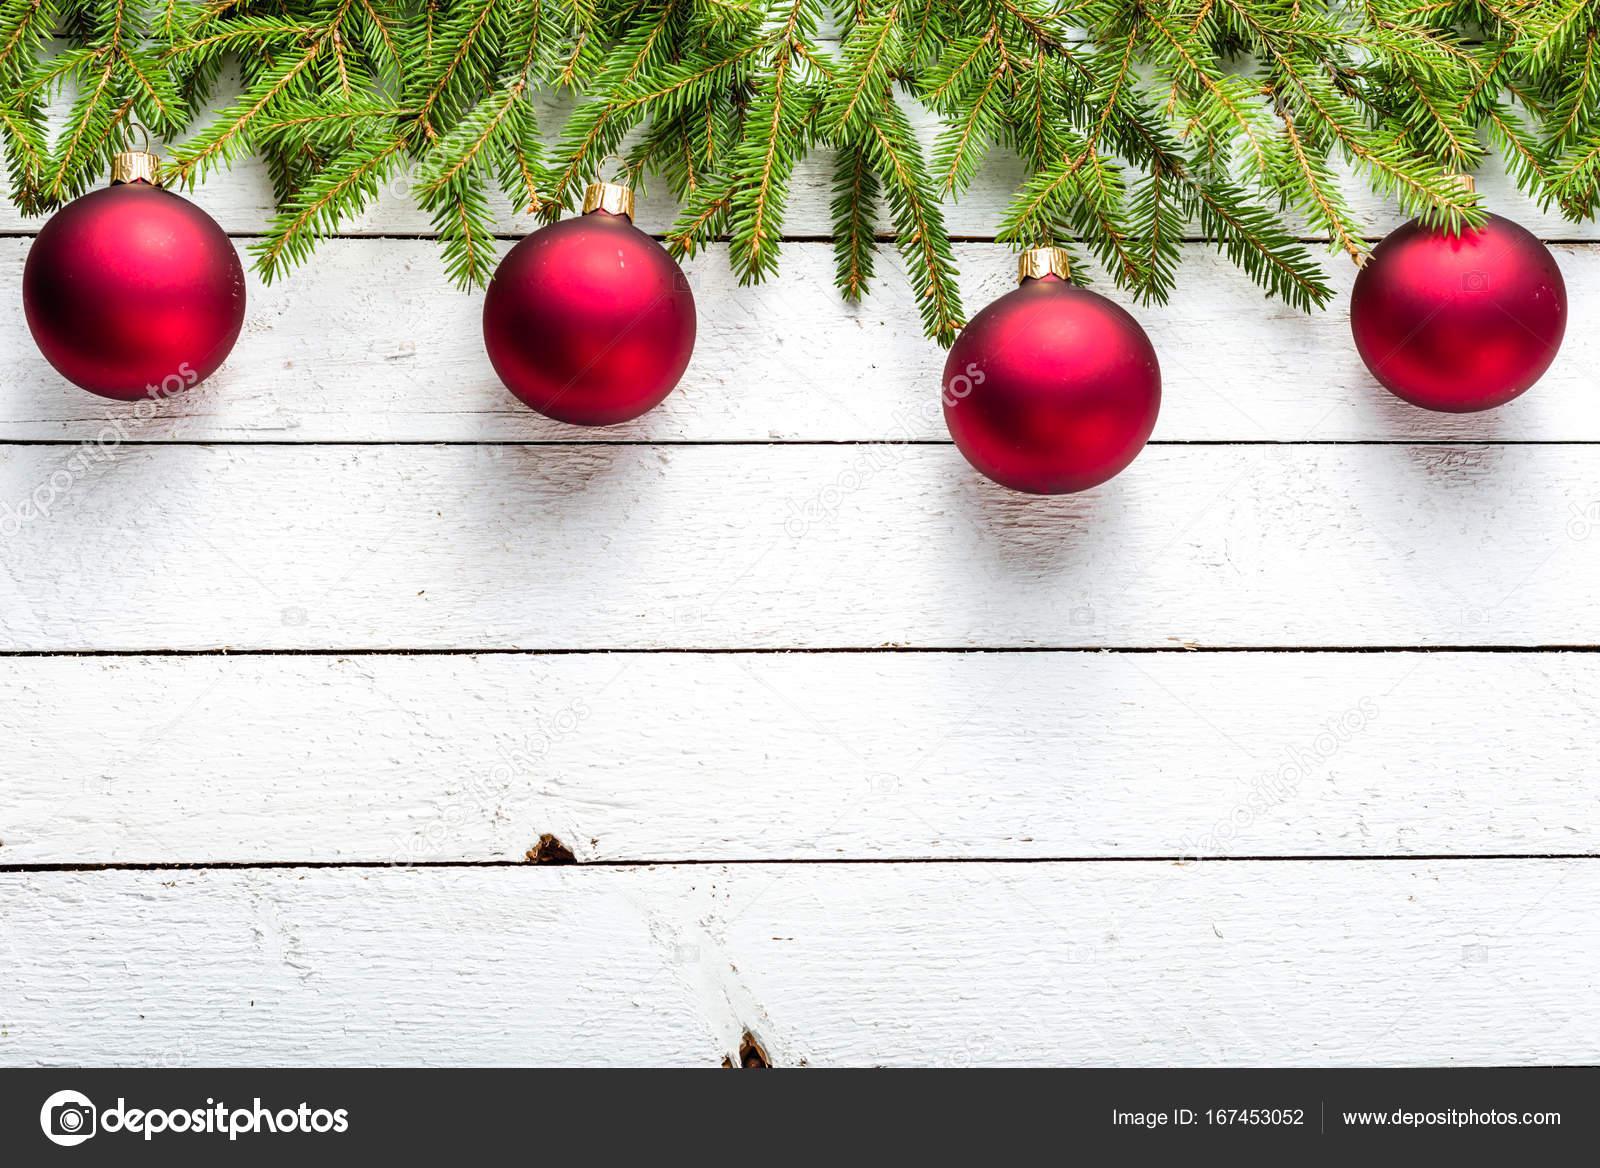 Kerstdecoraties Met Rood : Kerstdecoratie met rode ballen op fir boomtakken op houten witte